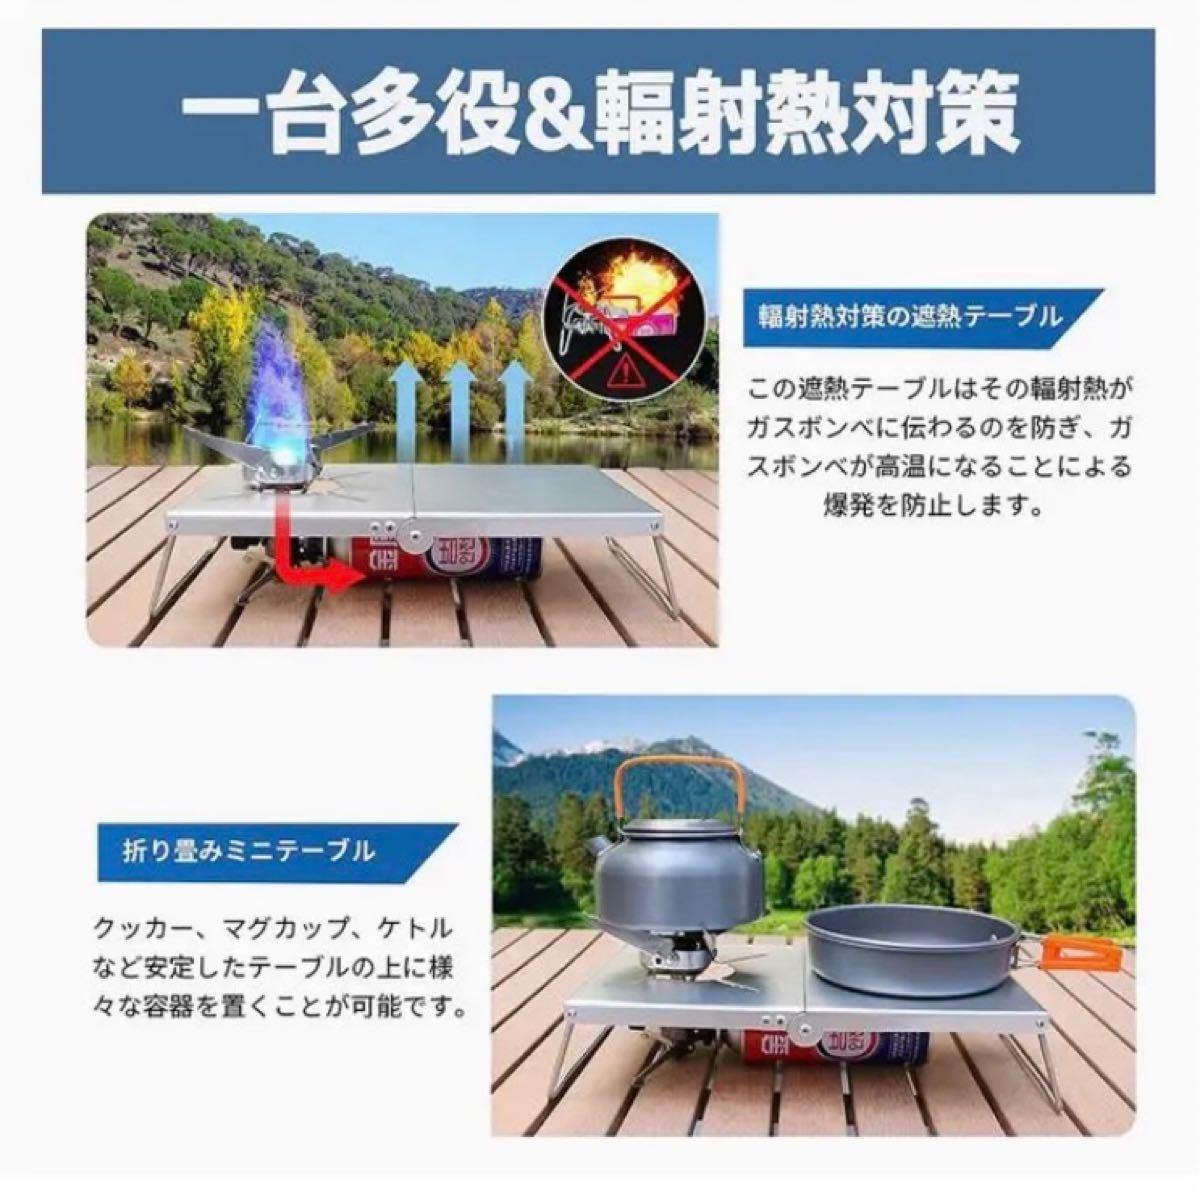 soto ST-310 遮熱テーブル 収納袋付き シングルバーナー ソロキャンプ